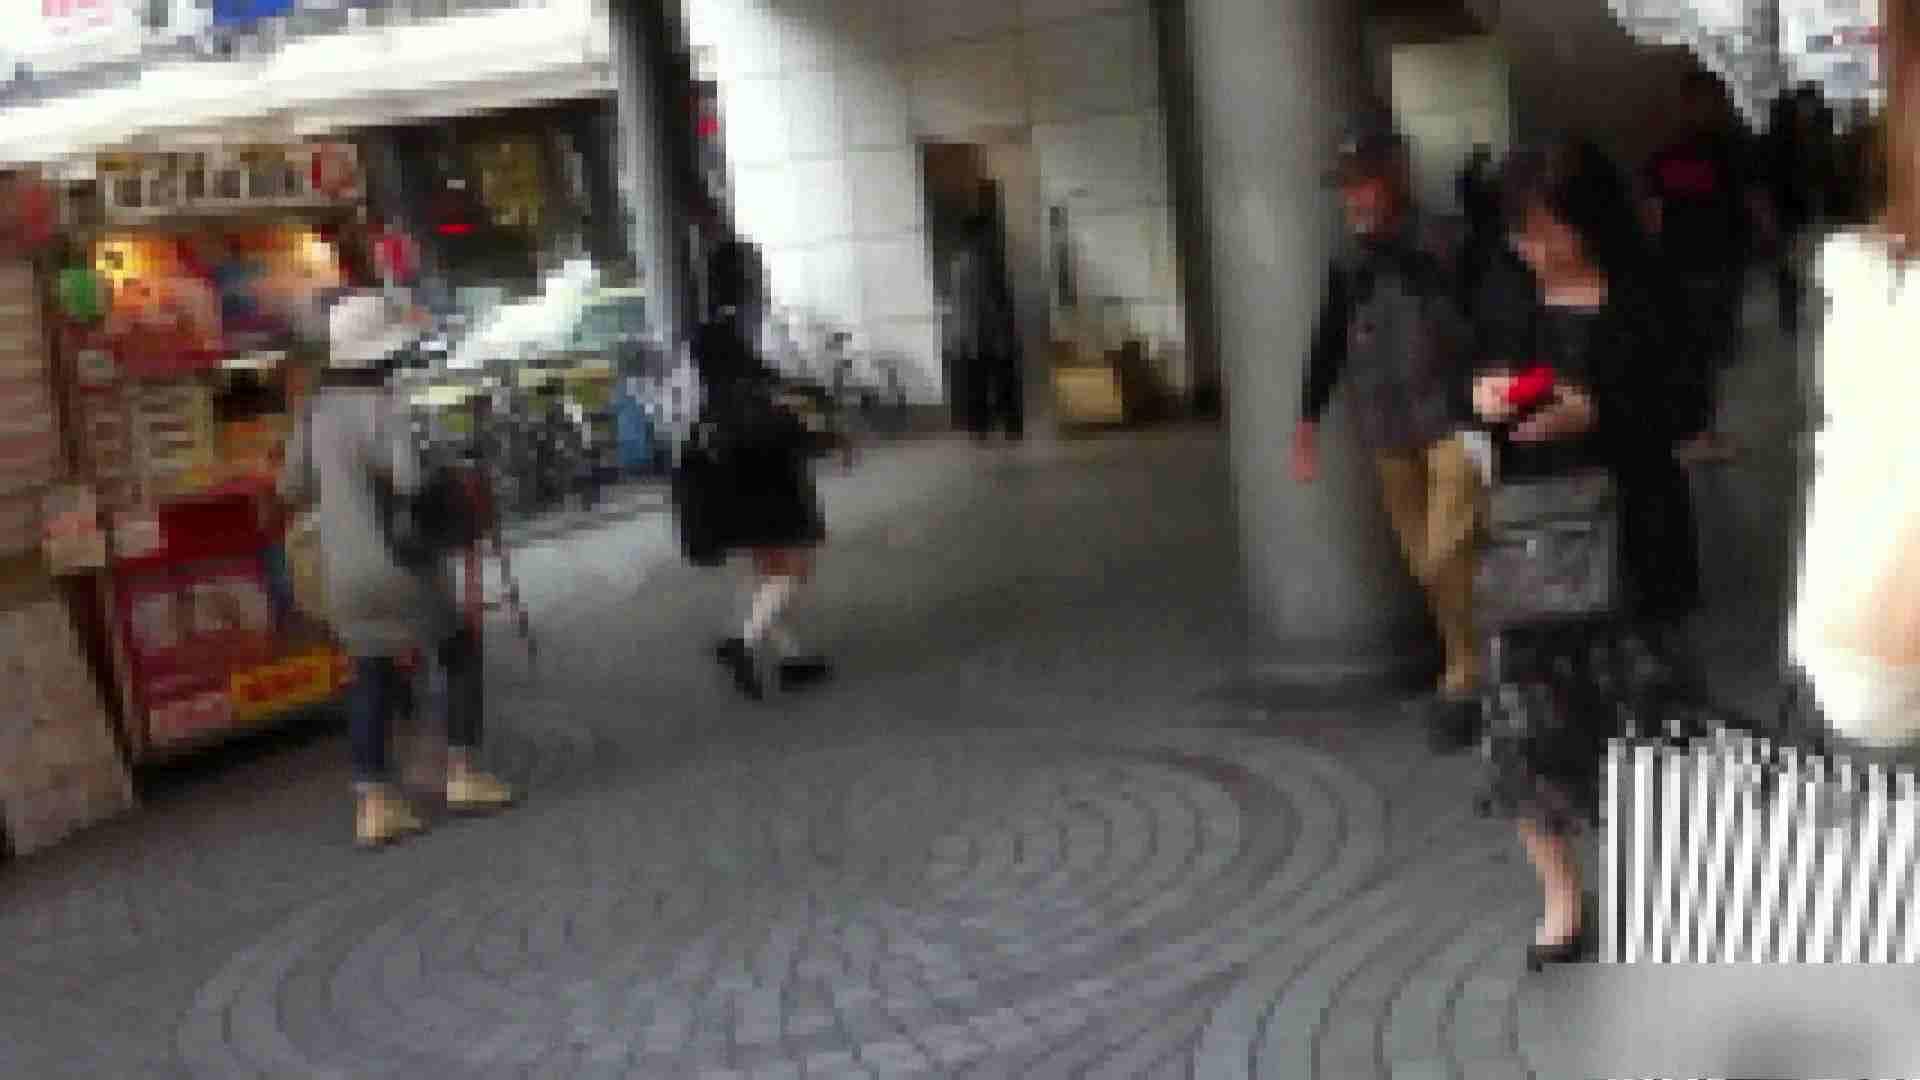 ガールズパンチラストリートビューVol.001 パンチラのぞき   ギャルのエロ動画  106画像 65